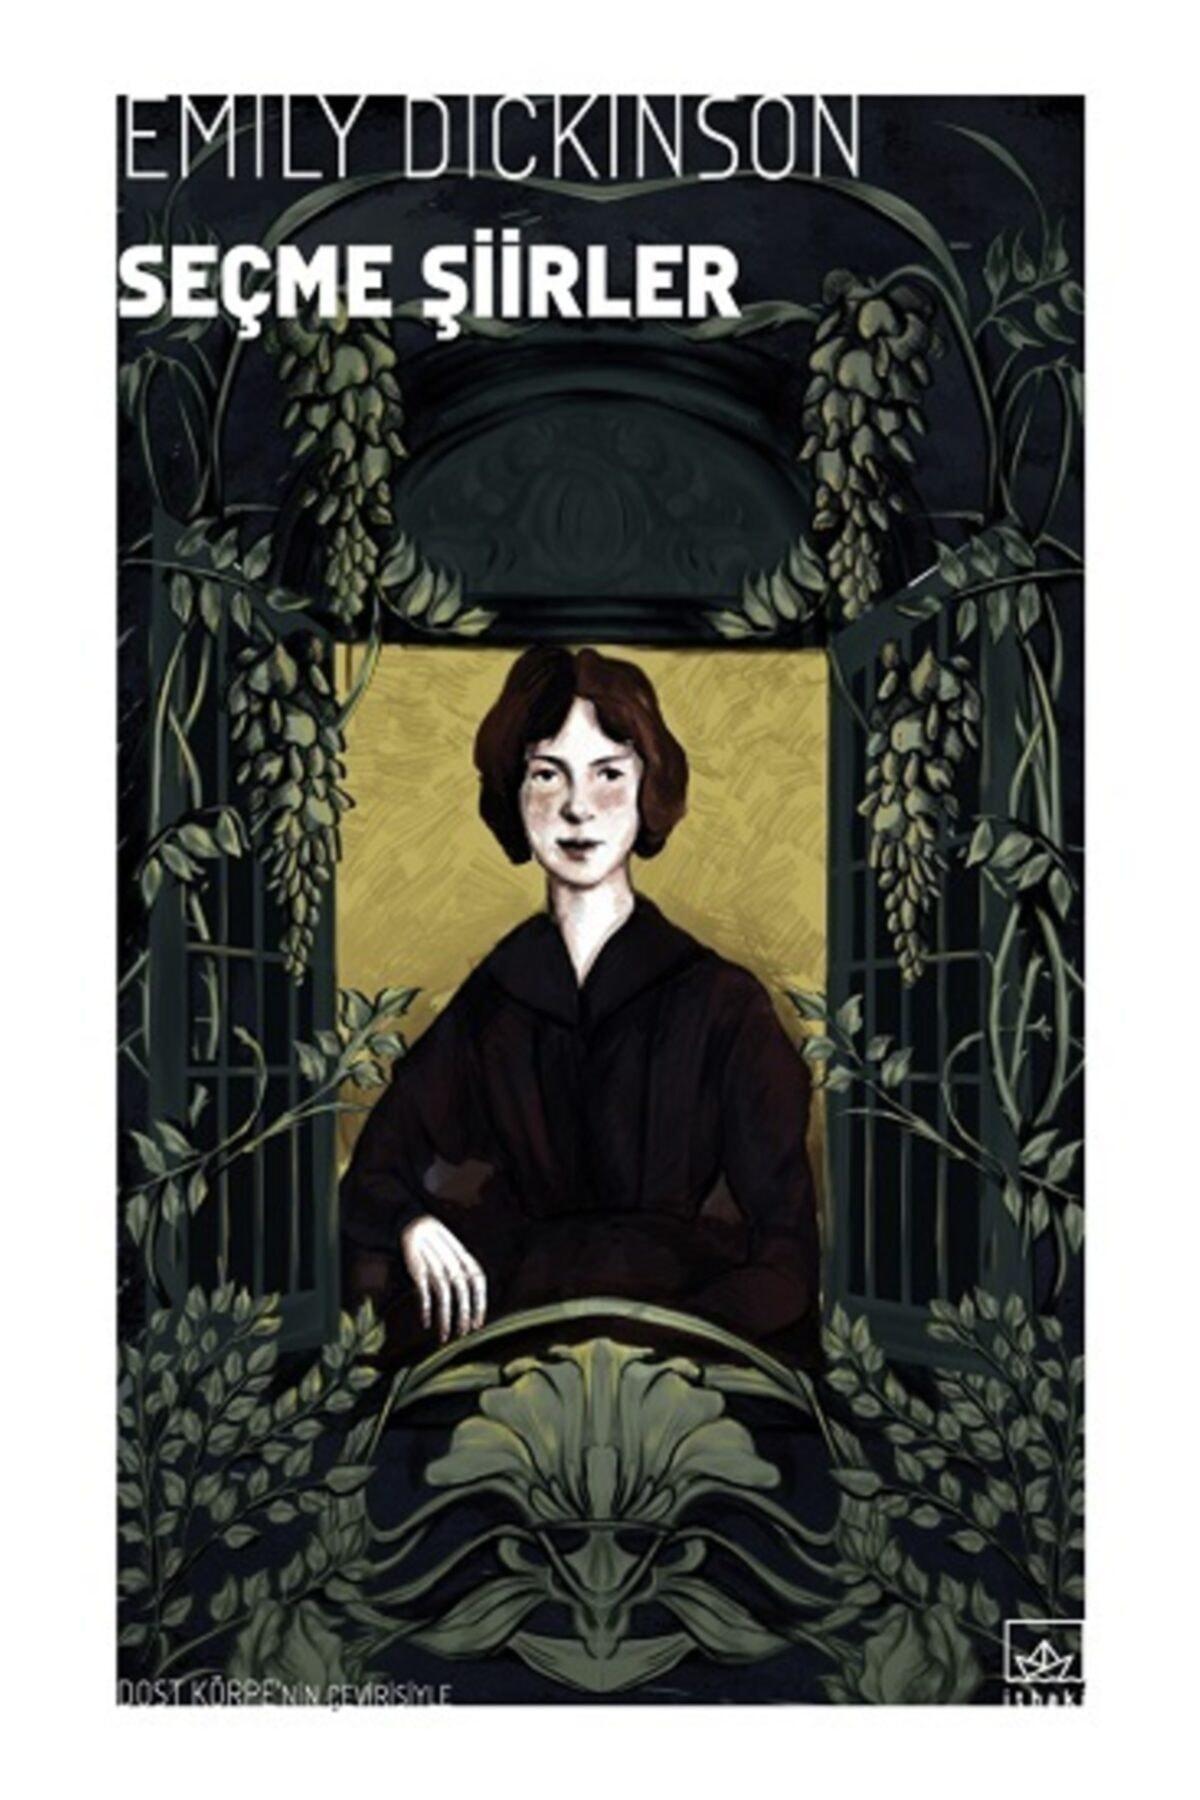 İthaki Yayınları Seçme Şiirler - - Emily Dickinson 1